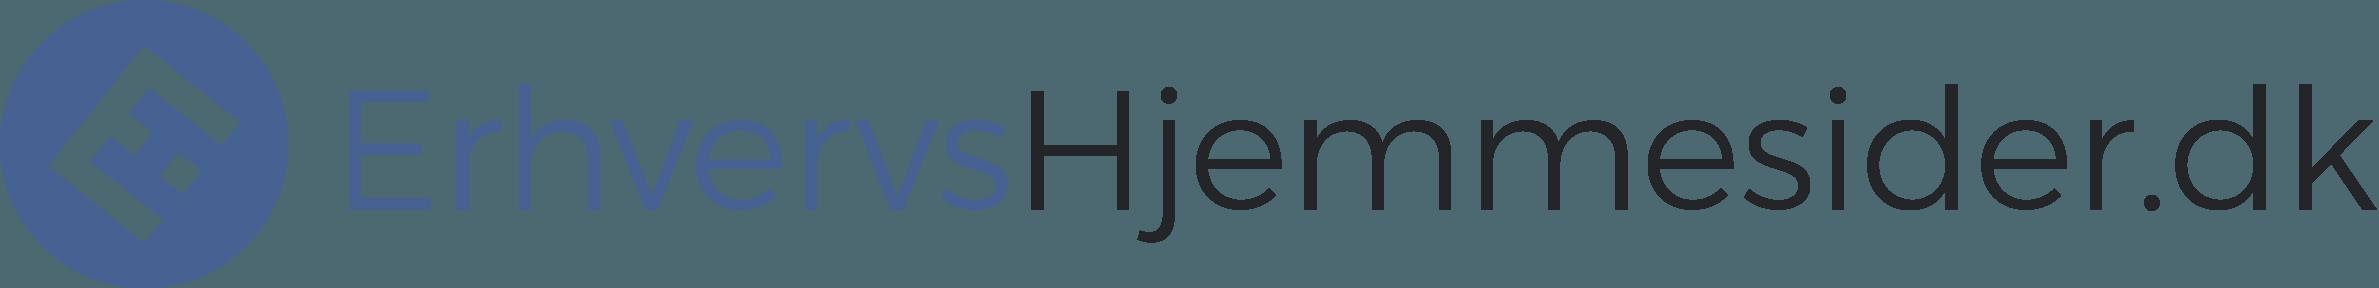 ErhvervsHjemmesider logo